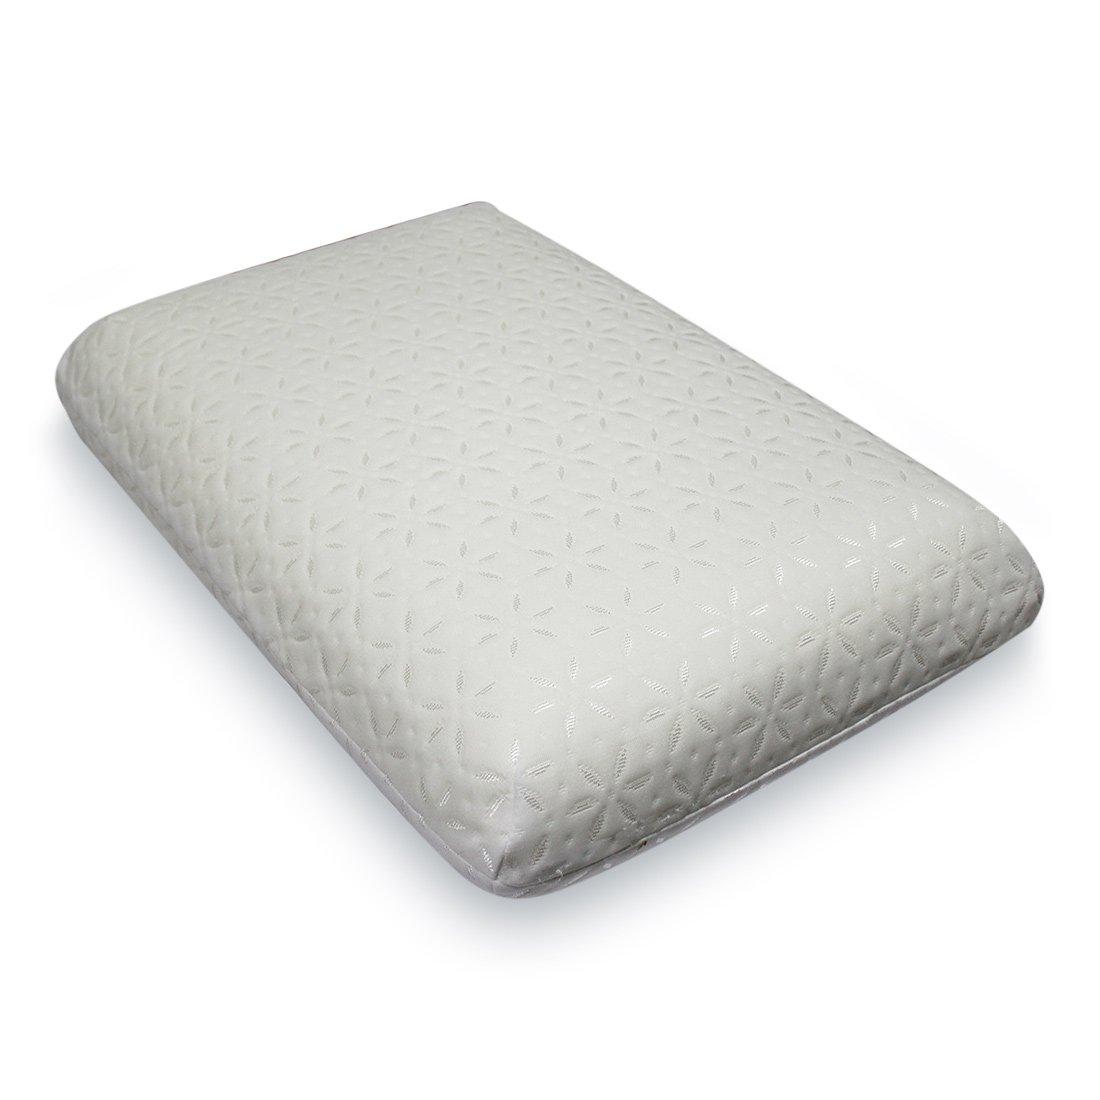 EcoSapiens Ortosleep ортопедическая подушка с эффектом памяти (60 * 40 * 13 см)